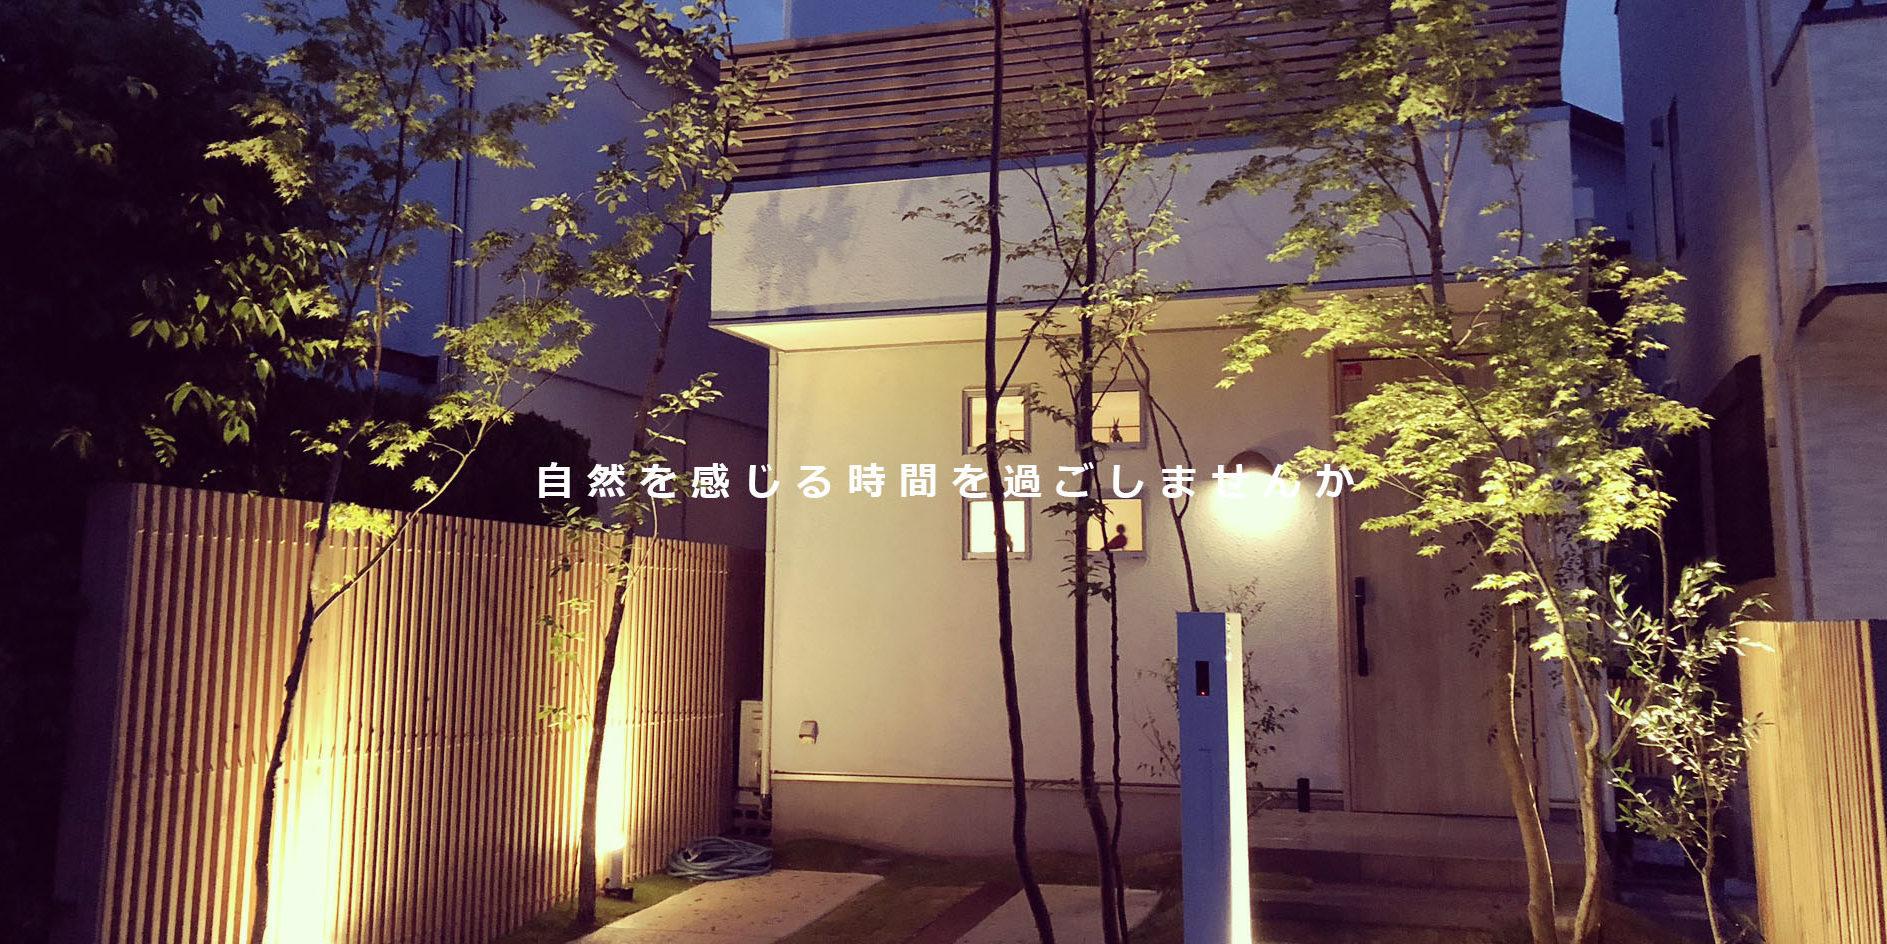 雑木の庭 雑木 造園 東京  世田谷区